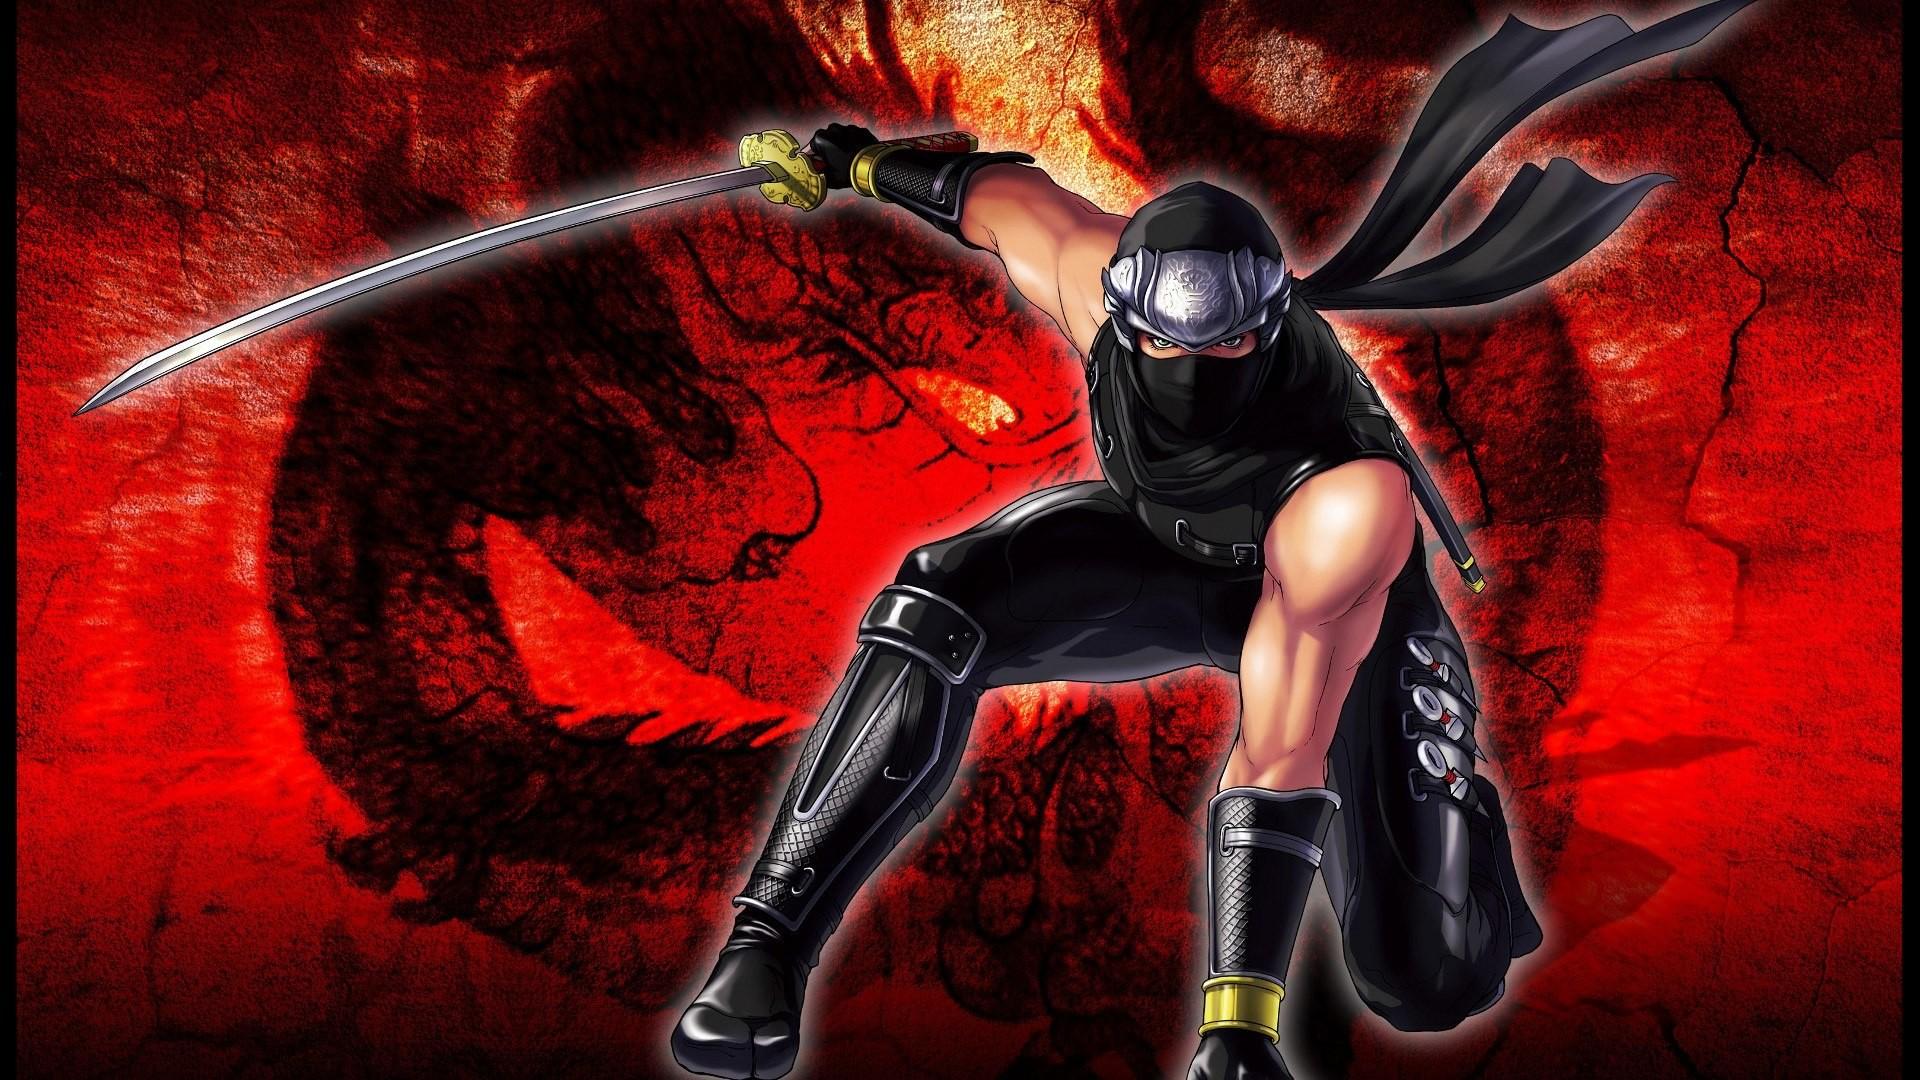 Ninja Gaiden Wallpaper HD (70+ Images